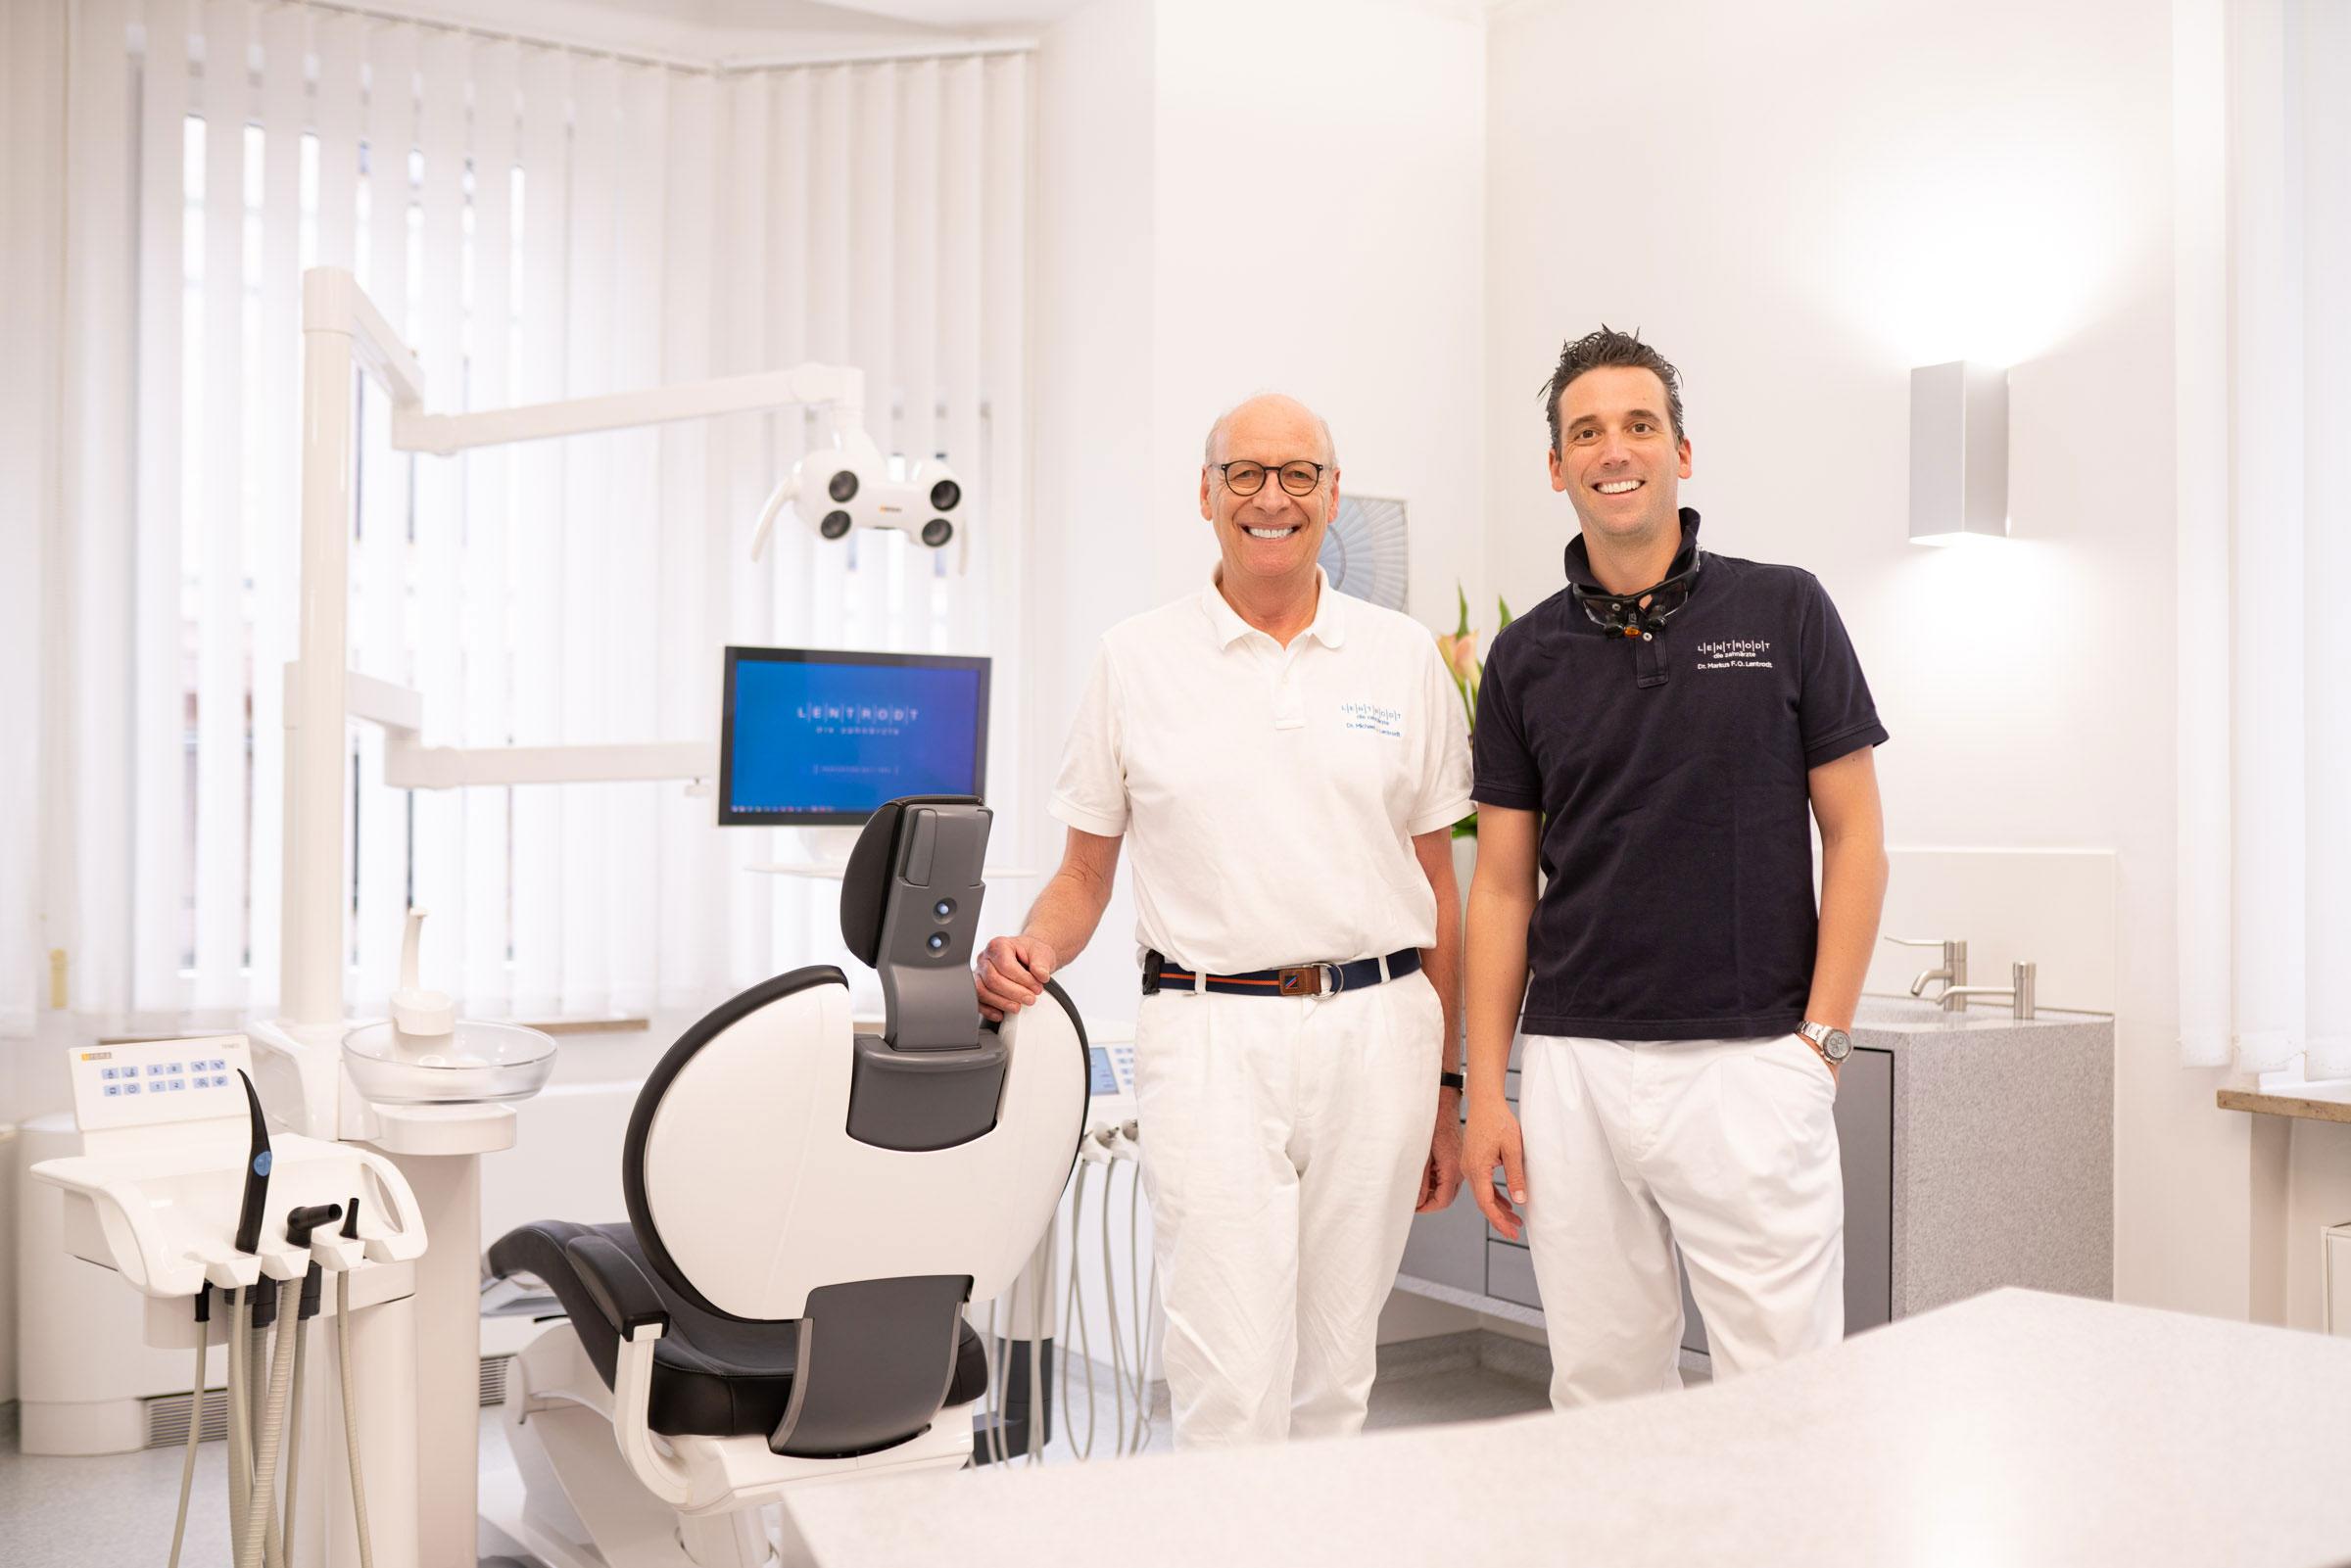 Zahnarzt Lentrodt - Dr. Michael Lentrodt & Dr. Markus Lentrodt